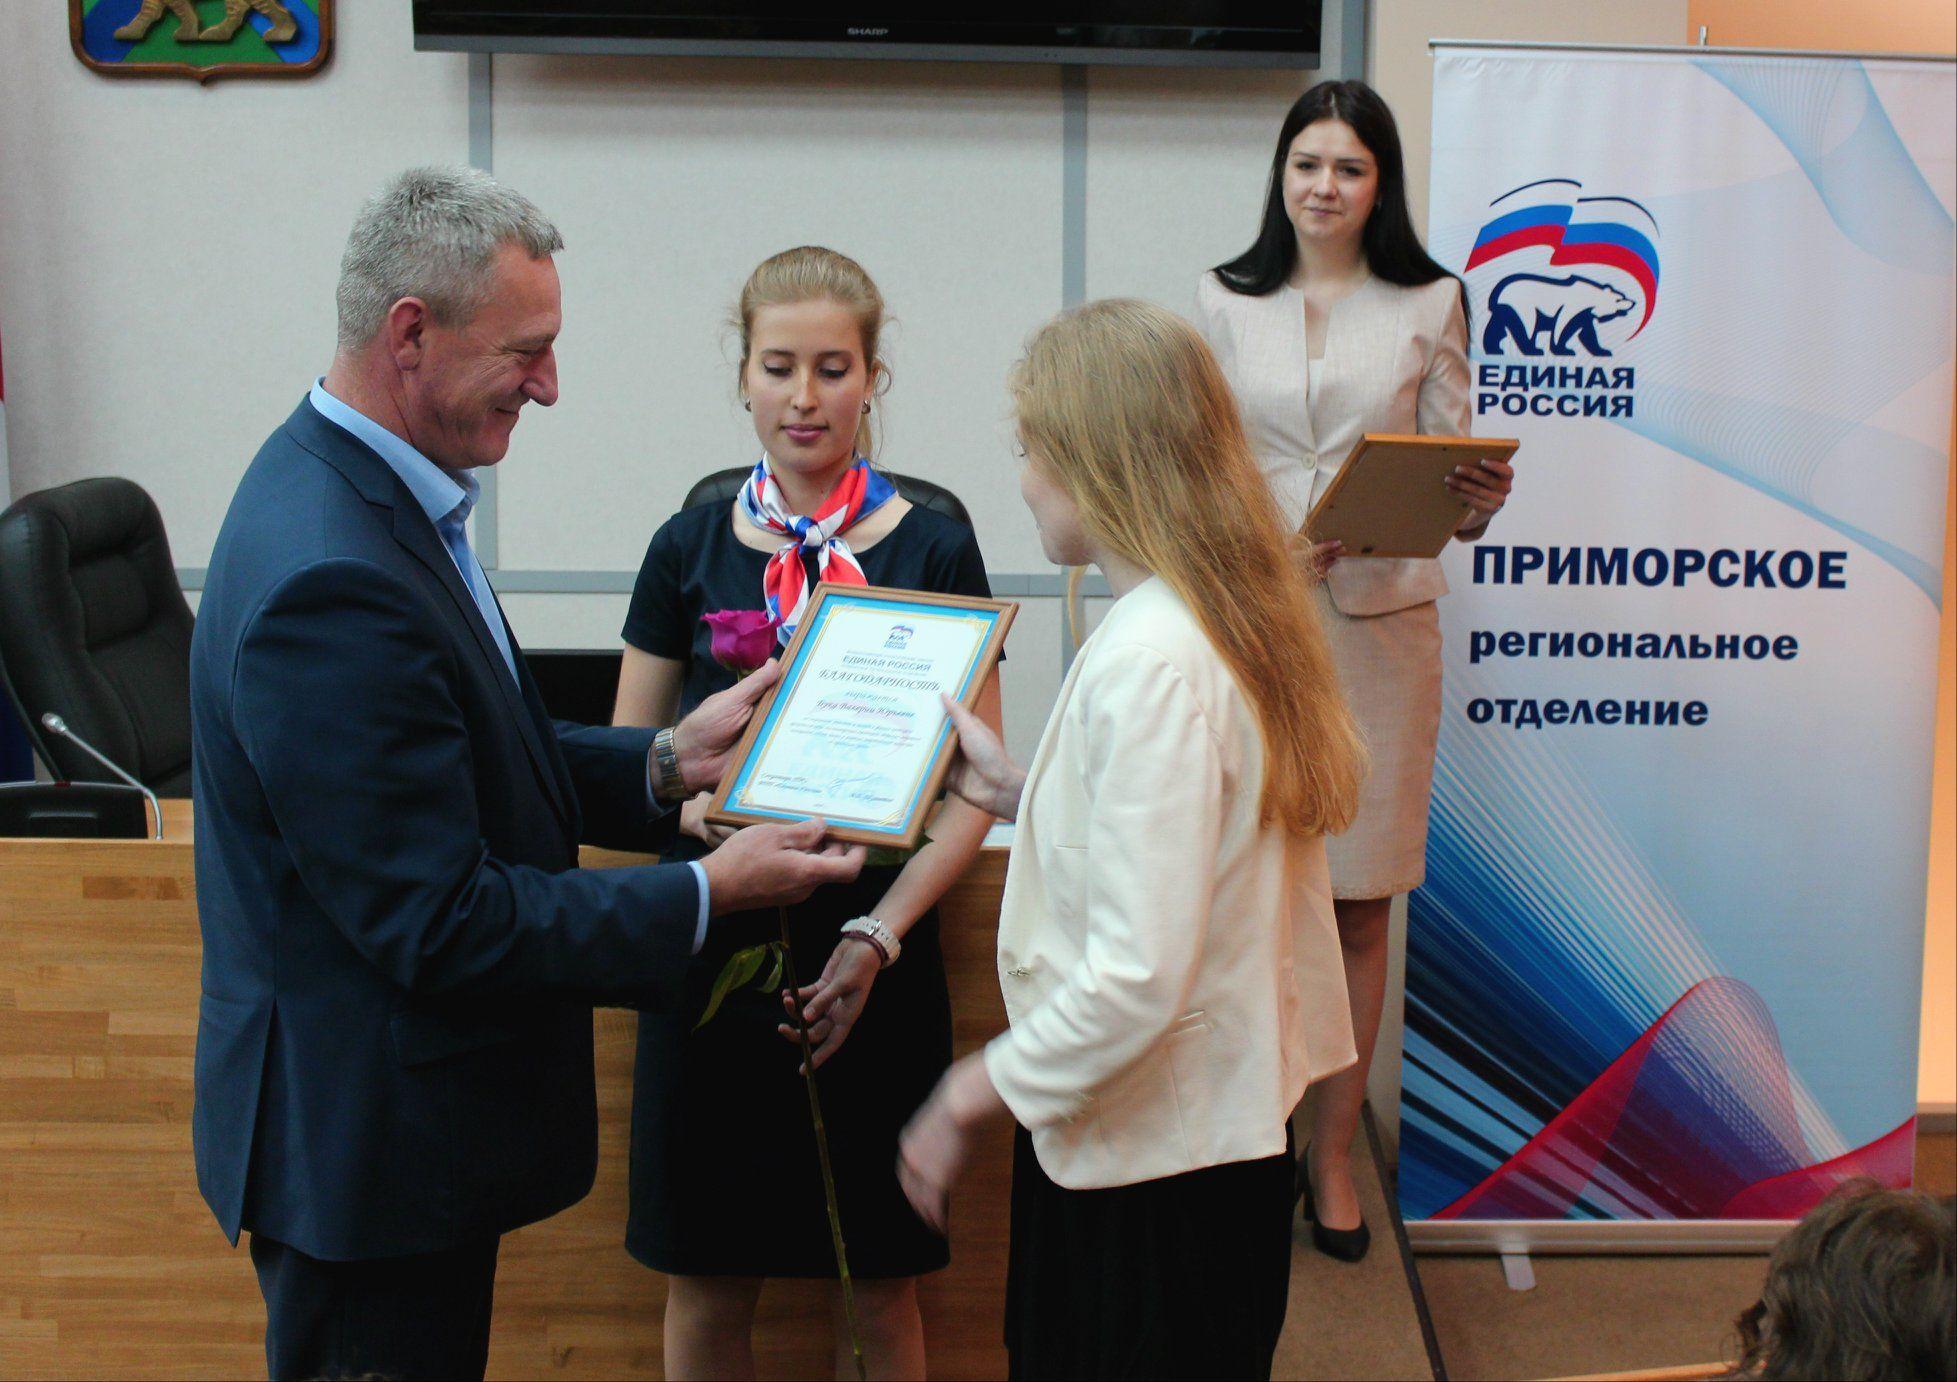 Госдума РФ наградила студентку ВГУЭС